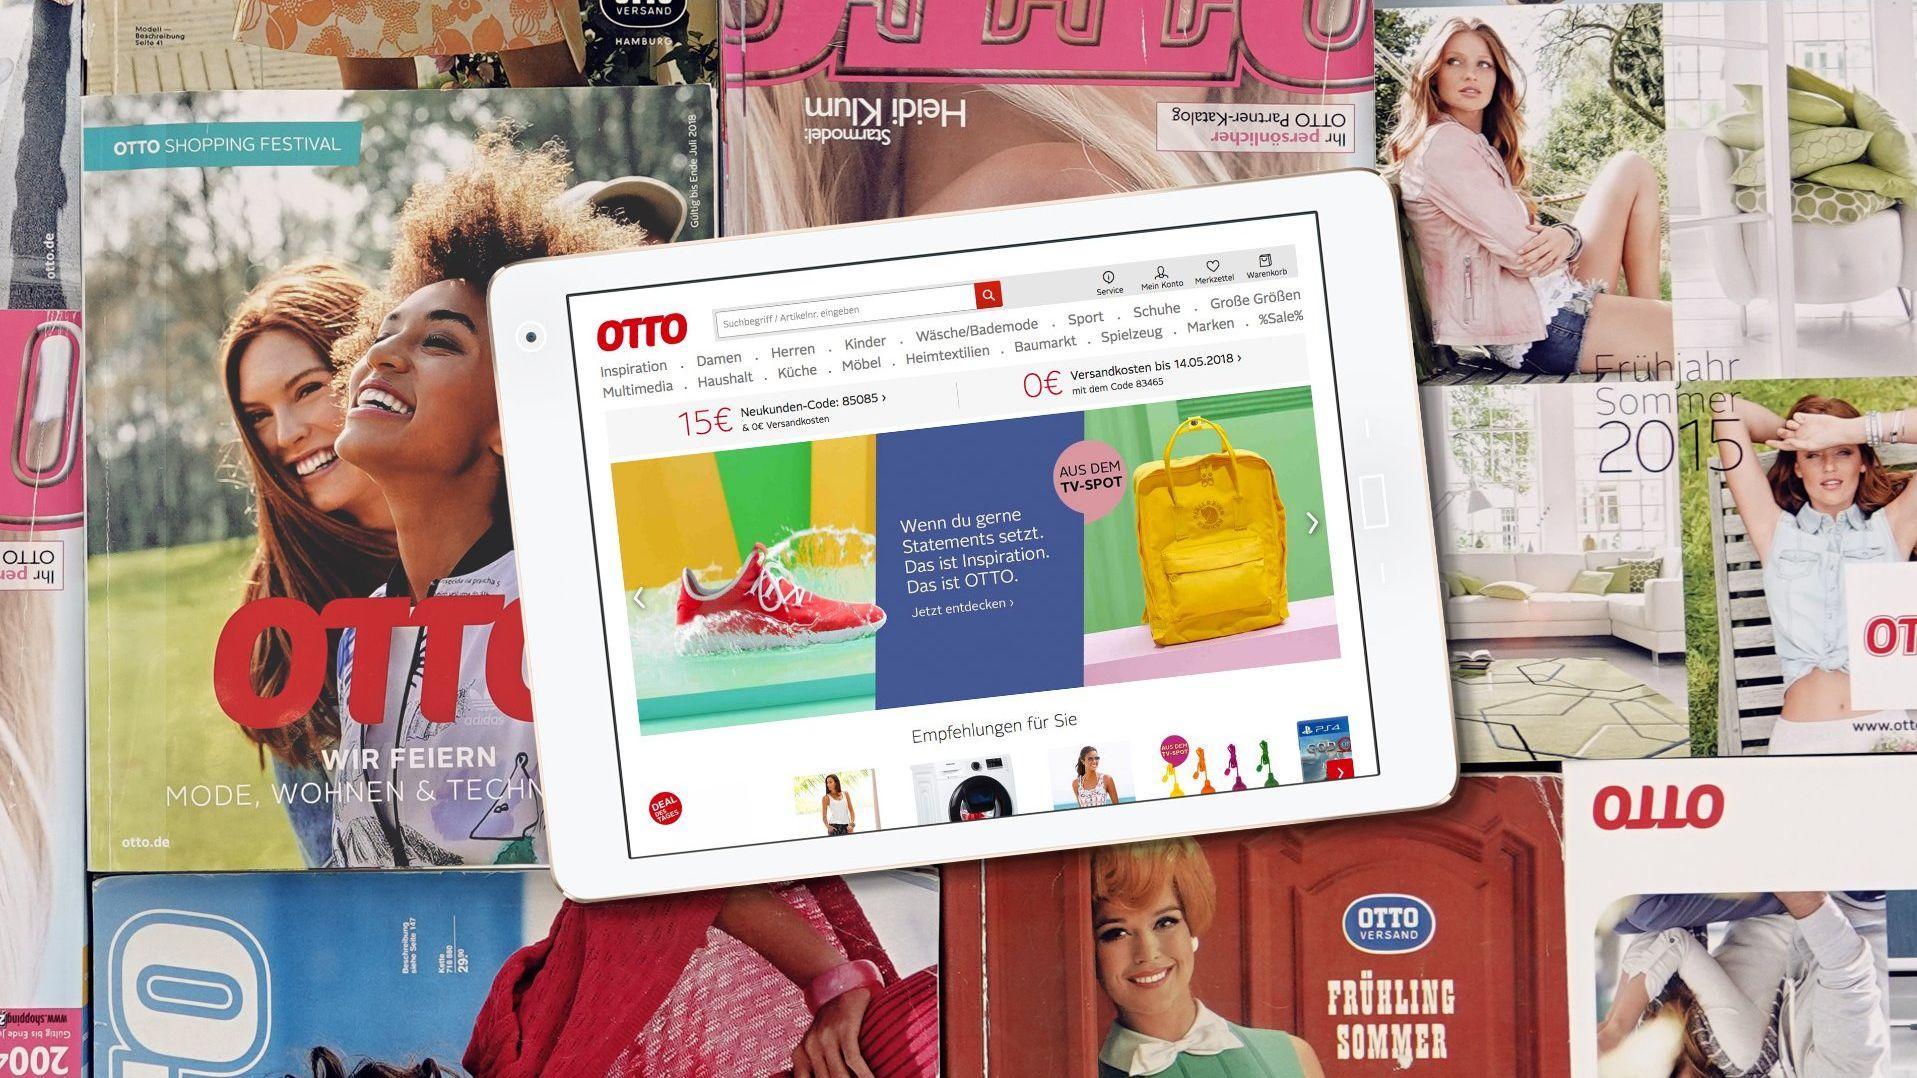 Jetzt offiziell: Der Otto-Katalog wird eingestellt